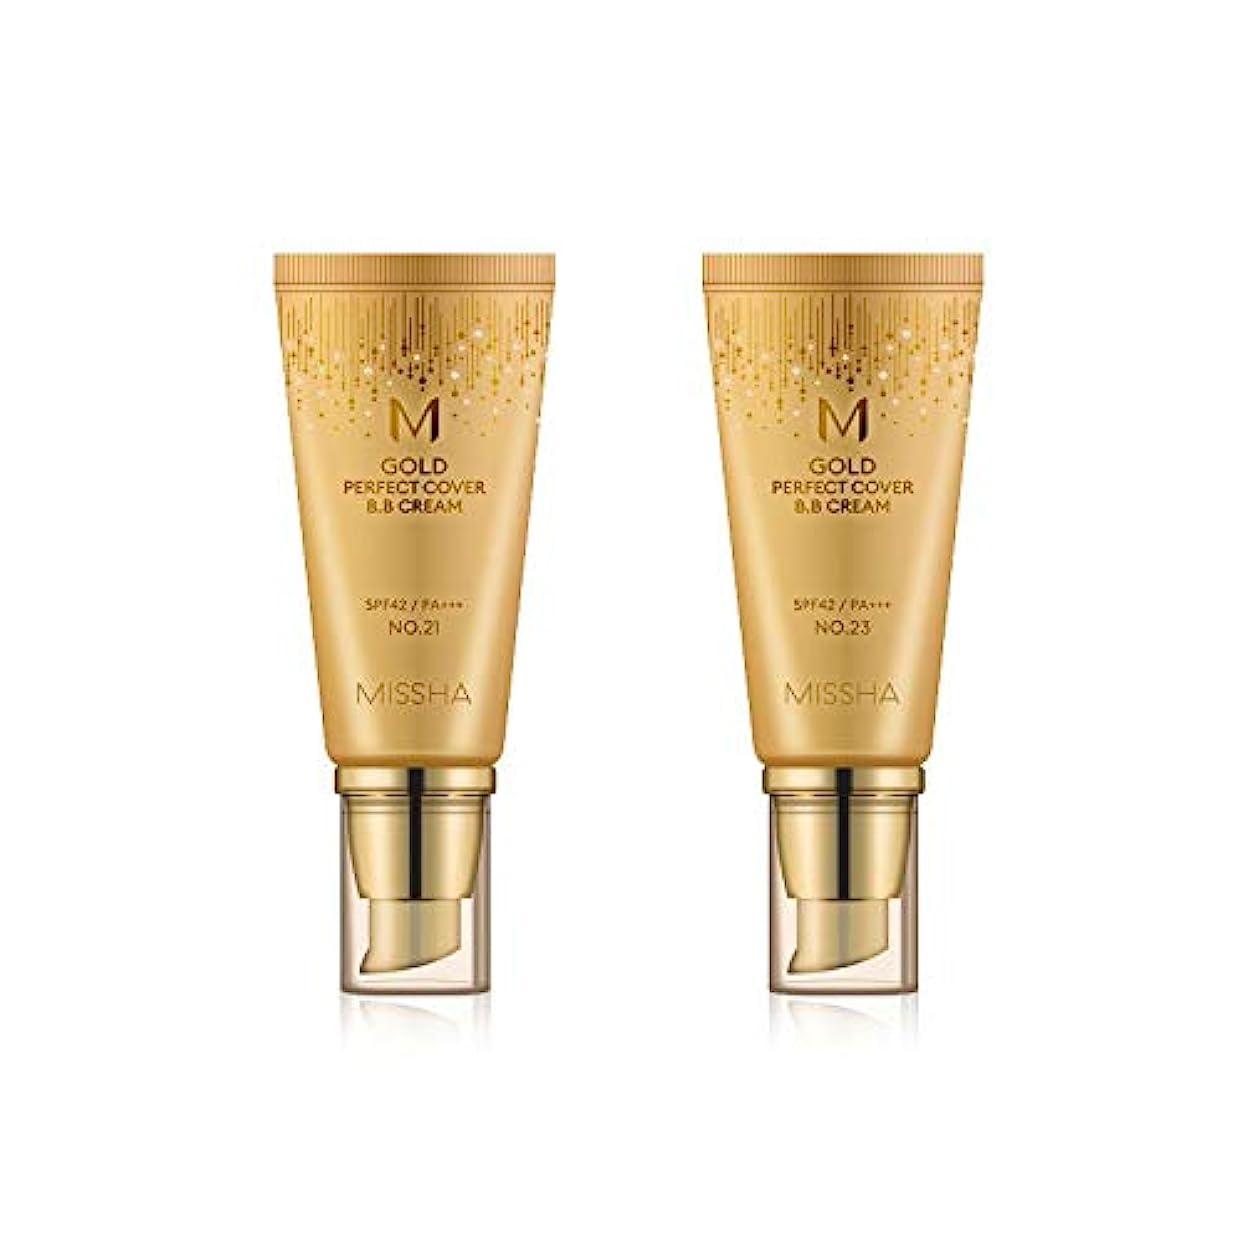 ゴールデン否定する洪水MISSHA Gold Perfecte Cover BB Cream SPF42 PA+++ / ミシャ ゴールド パーフェクト カバー BBクリーム 50ml *NO.21 [並行輸入品]